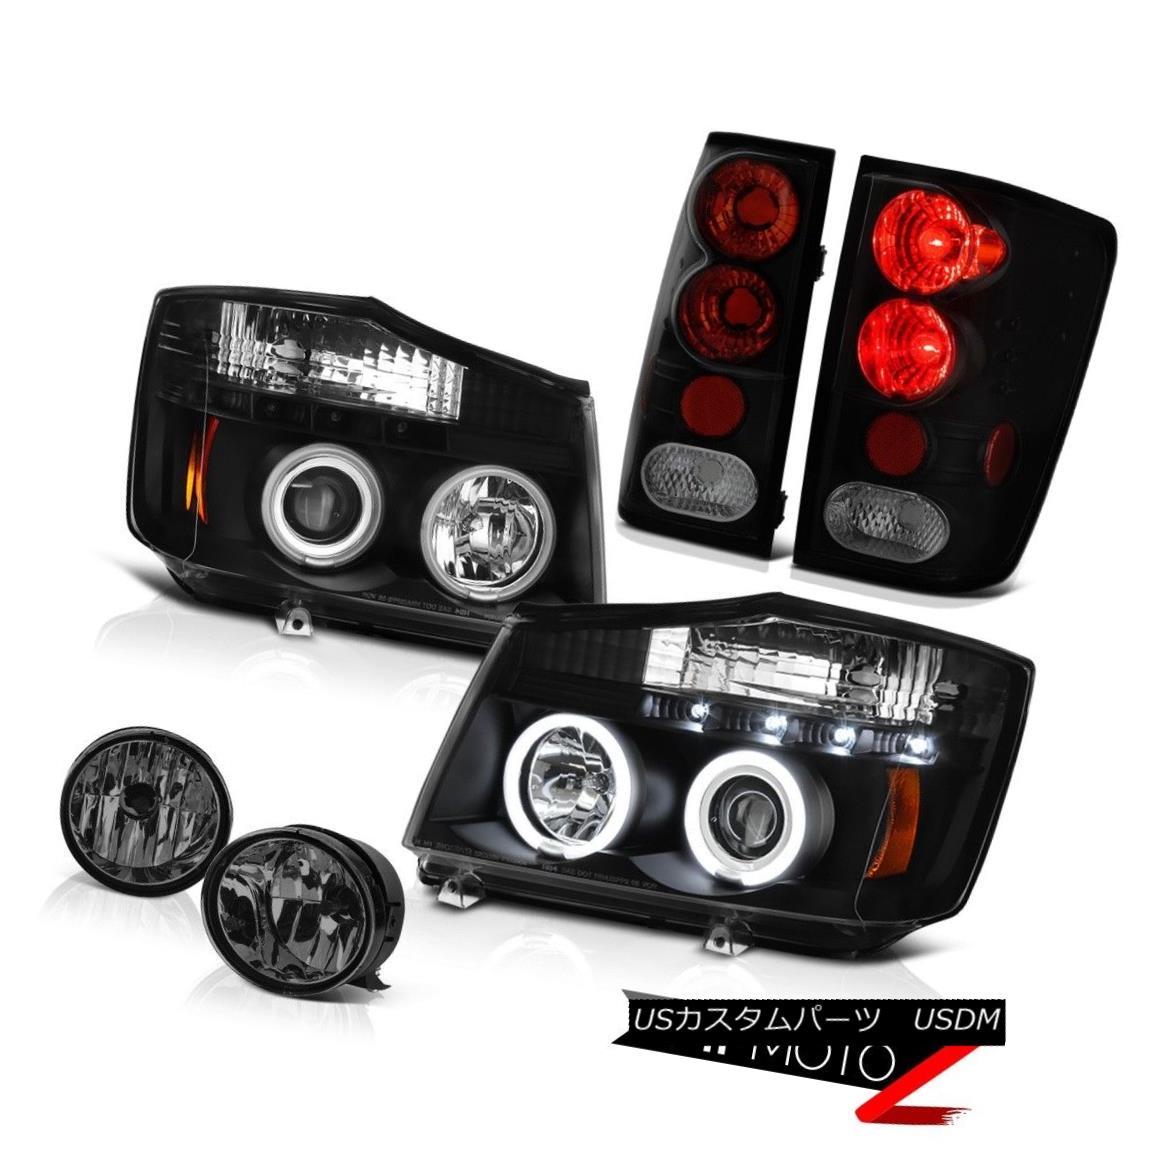 テールライト For 2004-2015 Titan Black CCFL Ring Headlights Tail Lights Lamp Smoke Tinted Fog 2004年?2015年タイタンブラックCCFLリングヘッドライトテールライトランプスモークティンドフォグ